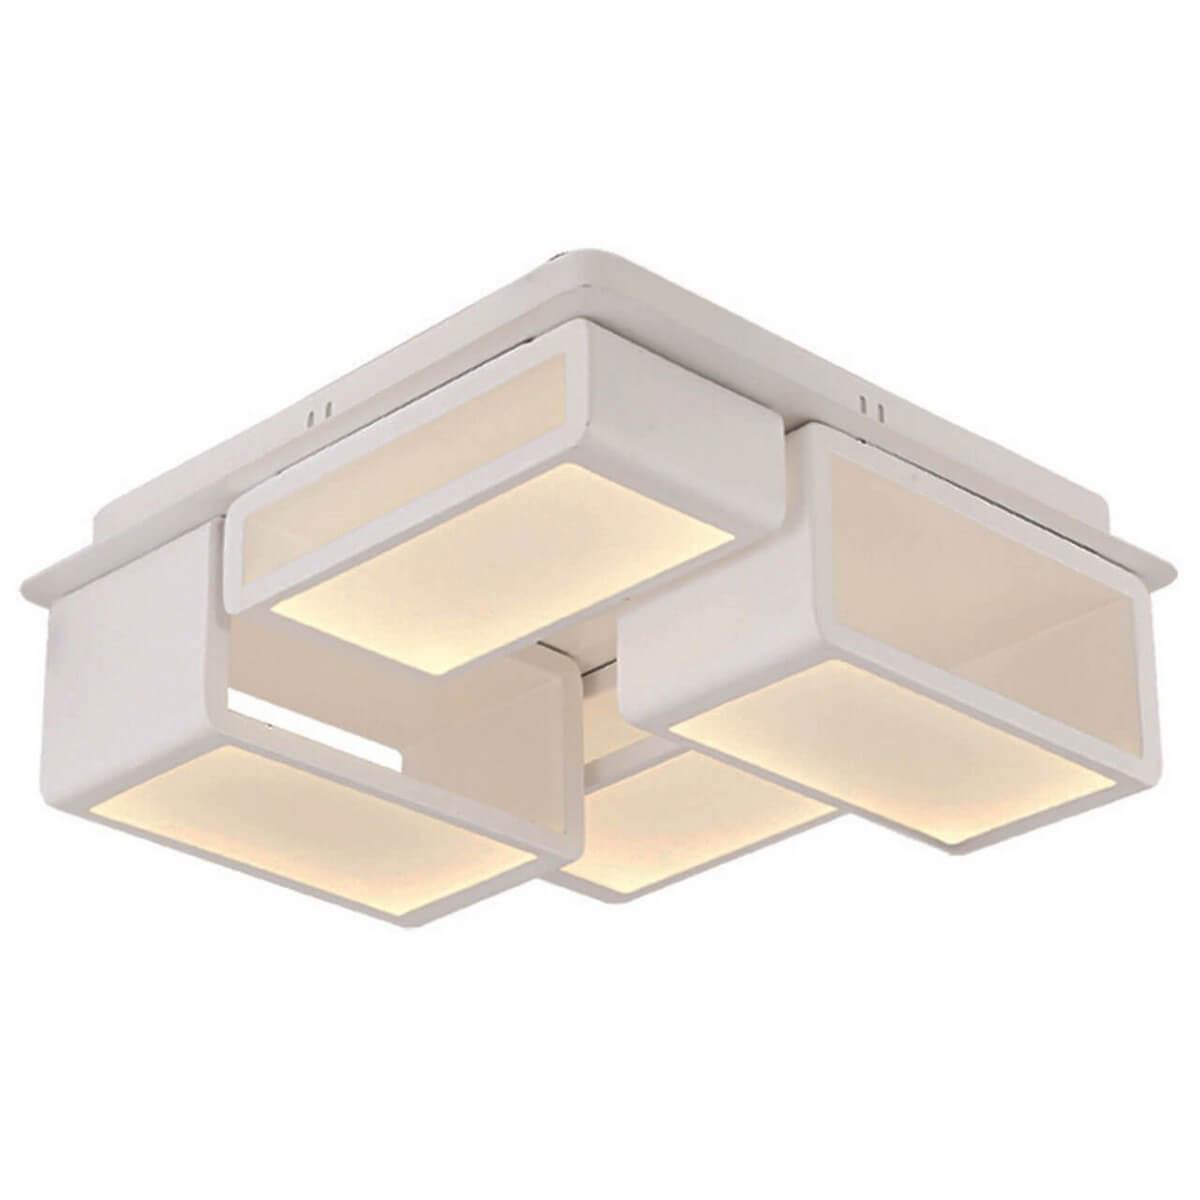 цена на Настенно-потолочный светильник Kink Light 5617-4,01, LED, 15 Вт